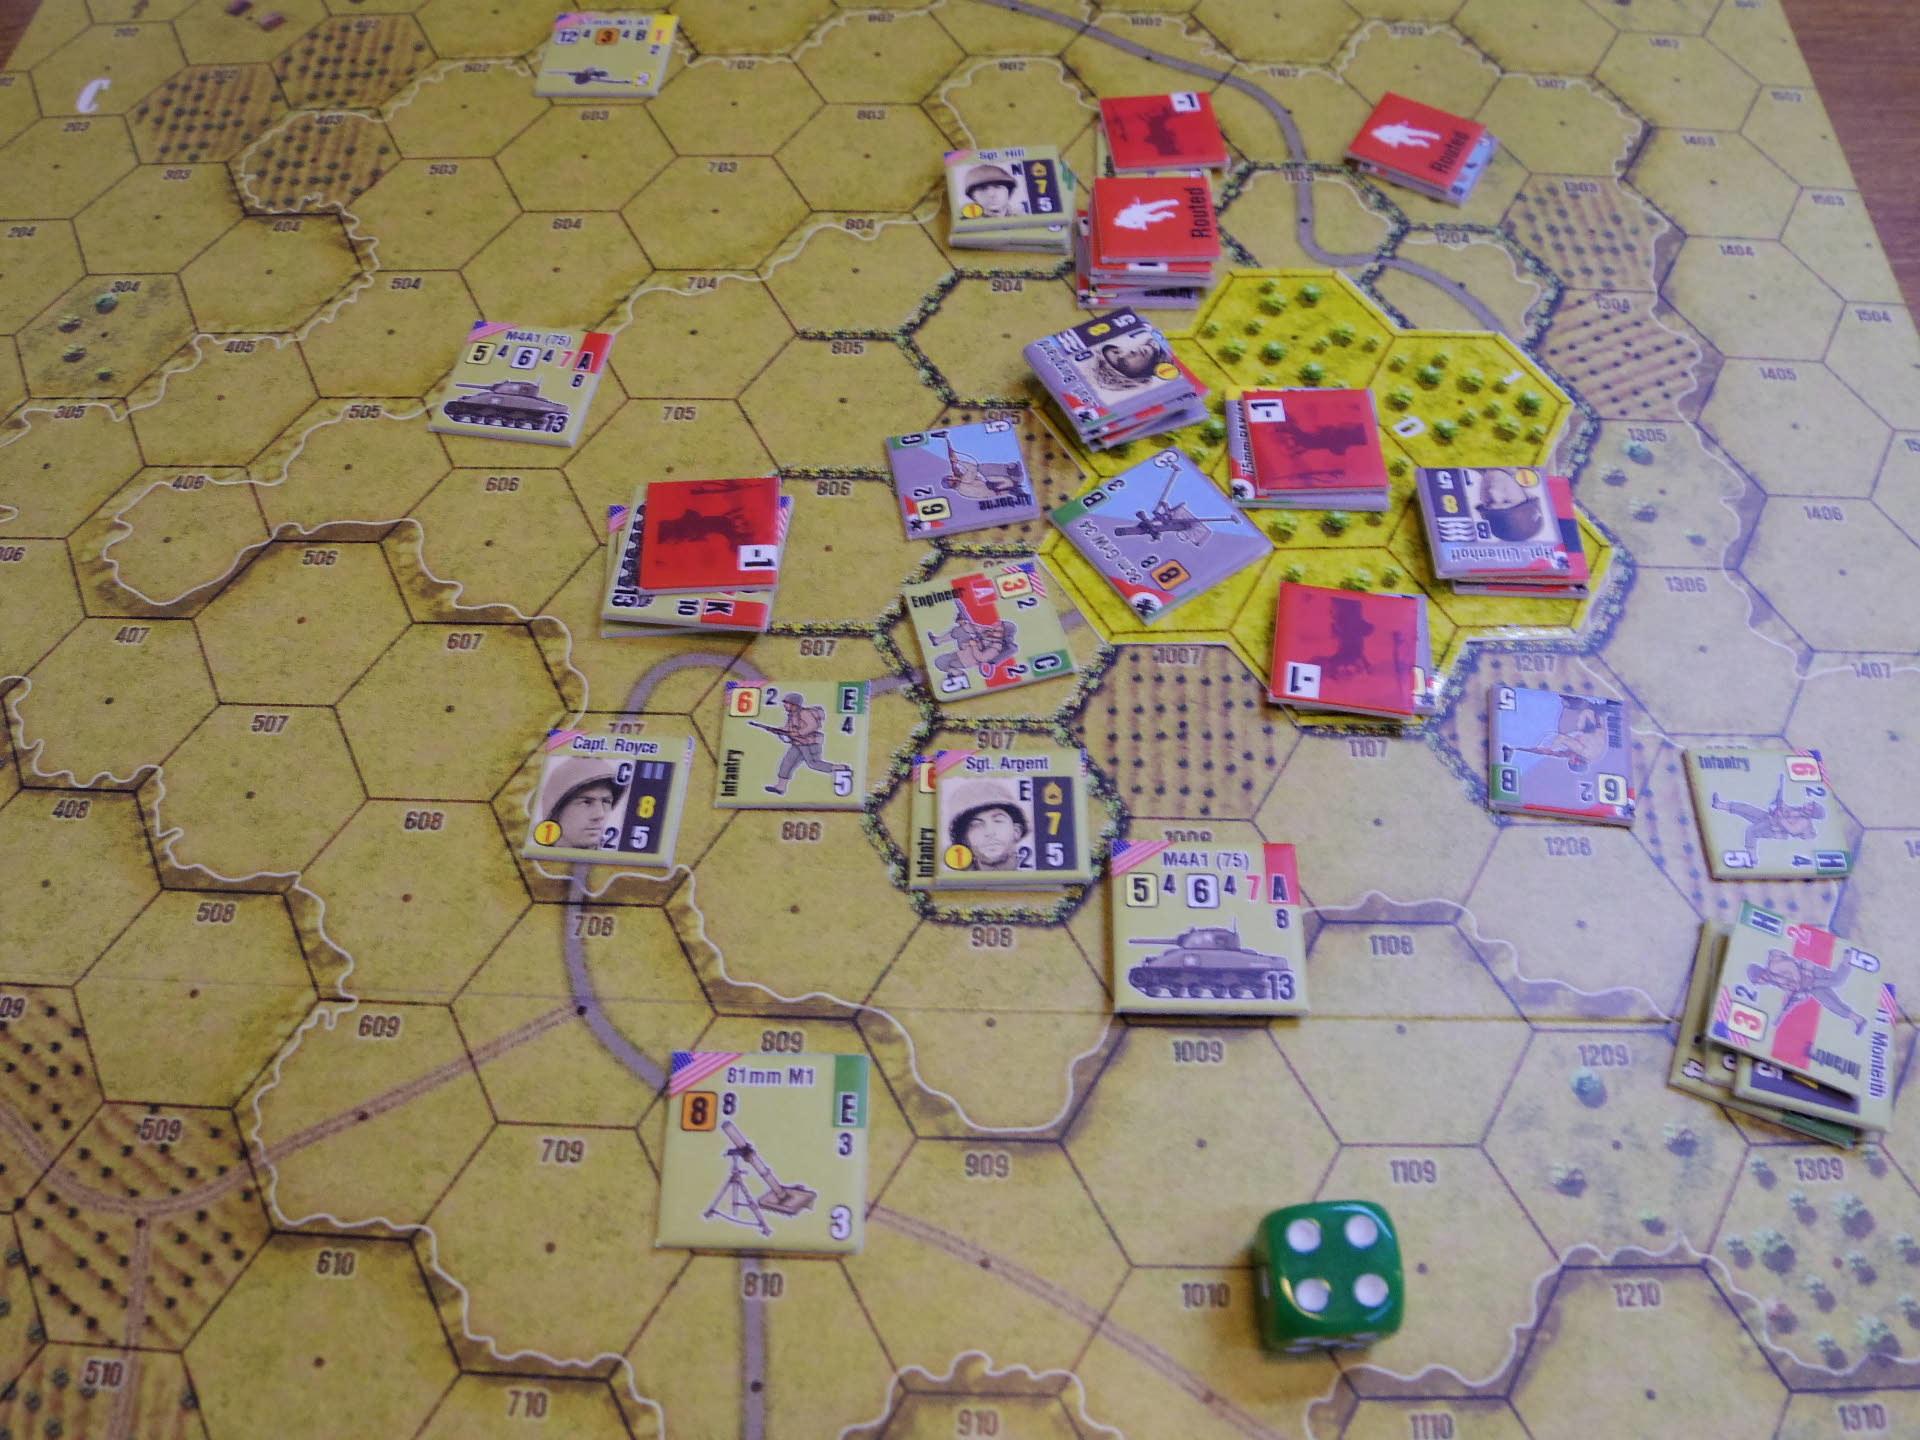 2019.07.13~14(土日)海の日連休連続例会の様子その7...(Draco Ideas)Normandy:The Beginning of the End、毎日別の卓とメンツで_b0173672_17534030.jpg